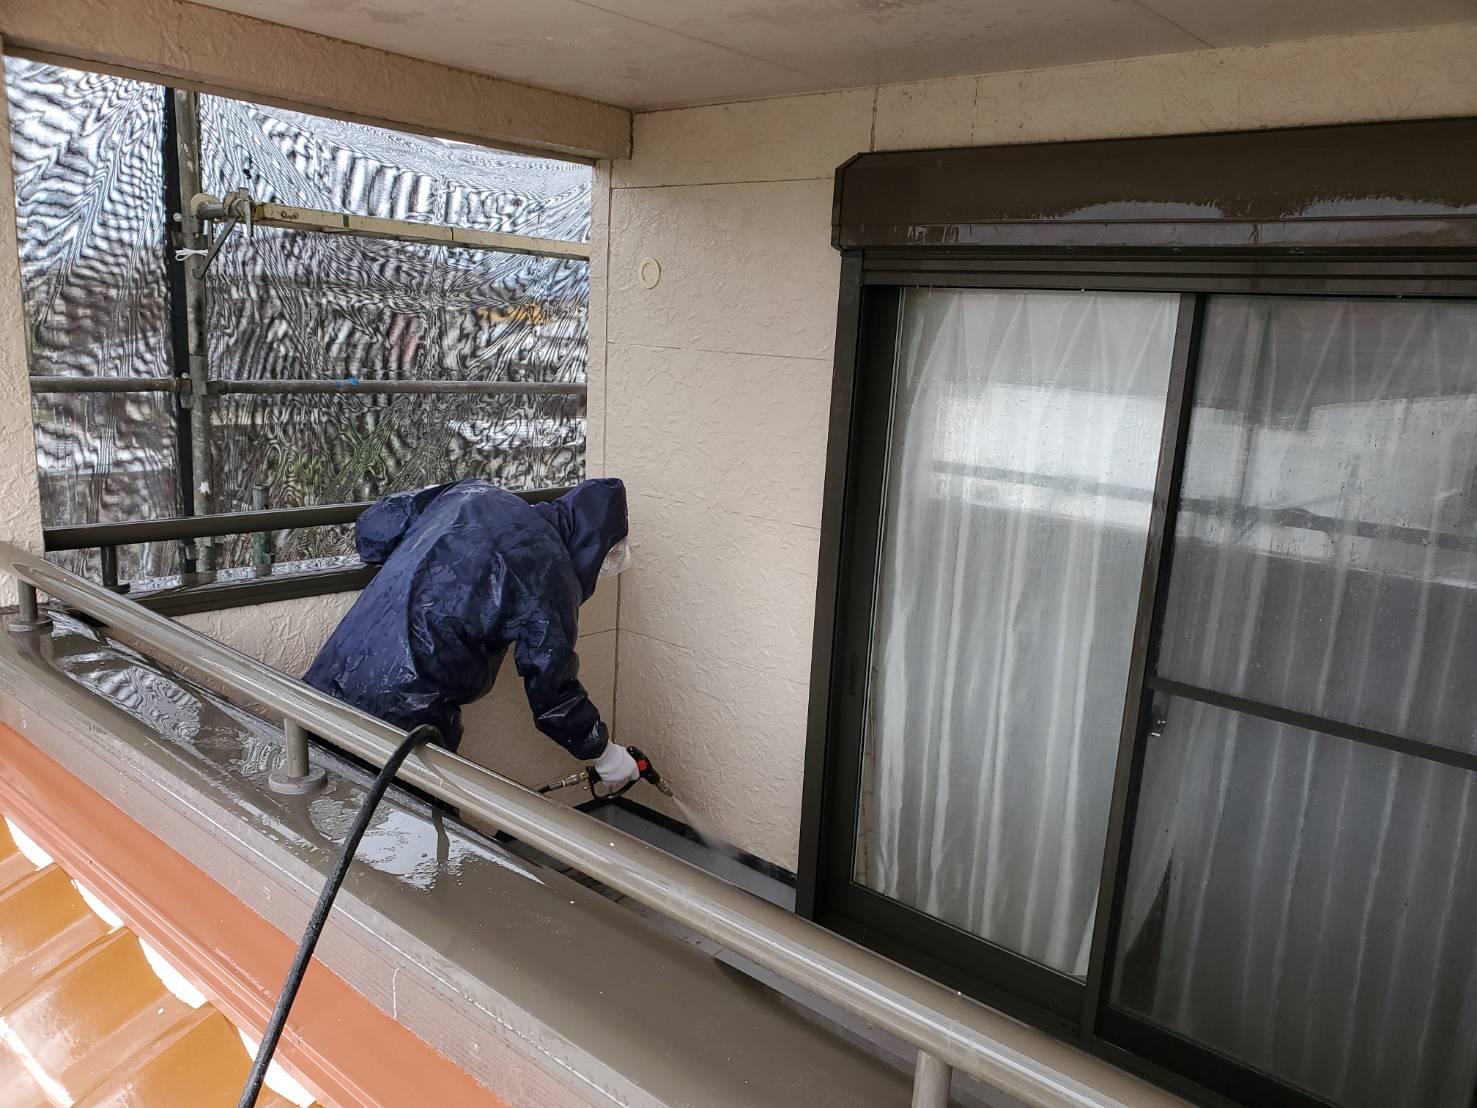 佐賀市 塗るばい サニケン さにけん 外壁塗装 外壁 塗装 施工日記 高圧洗浄